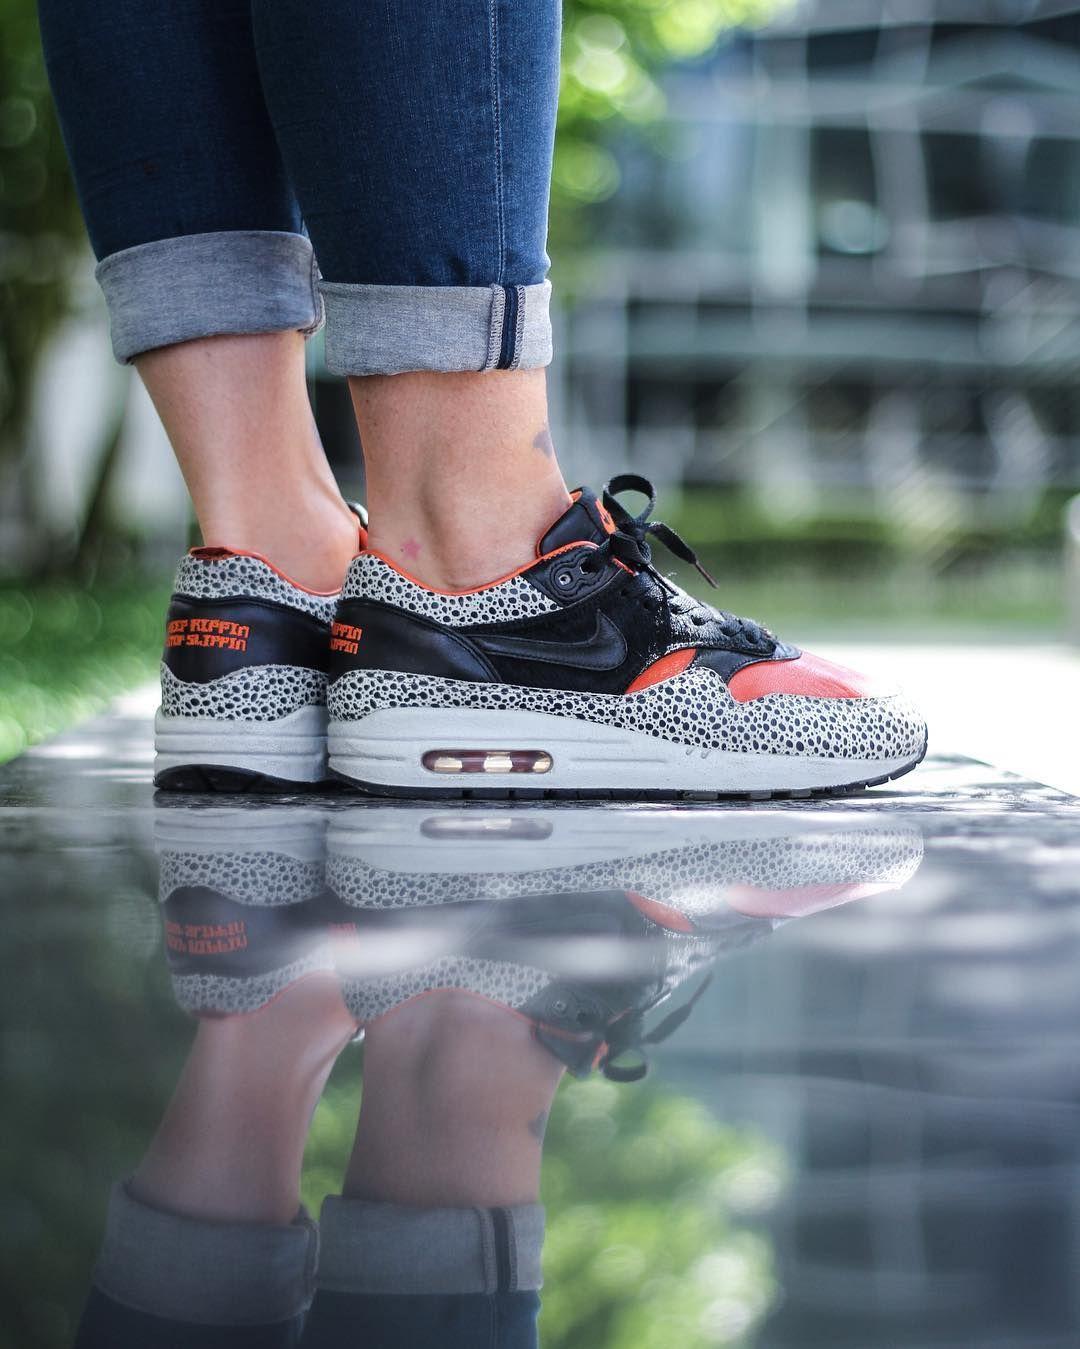 Sneaker head, Air max one, Nike air max